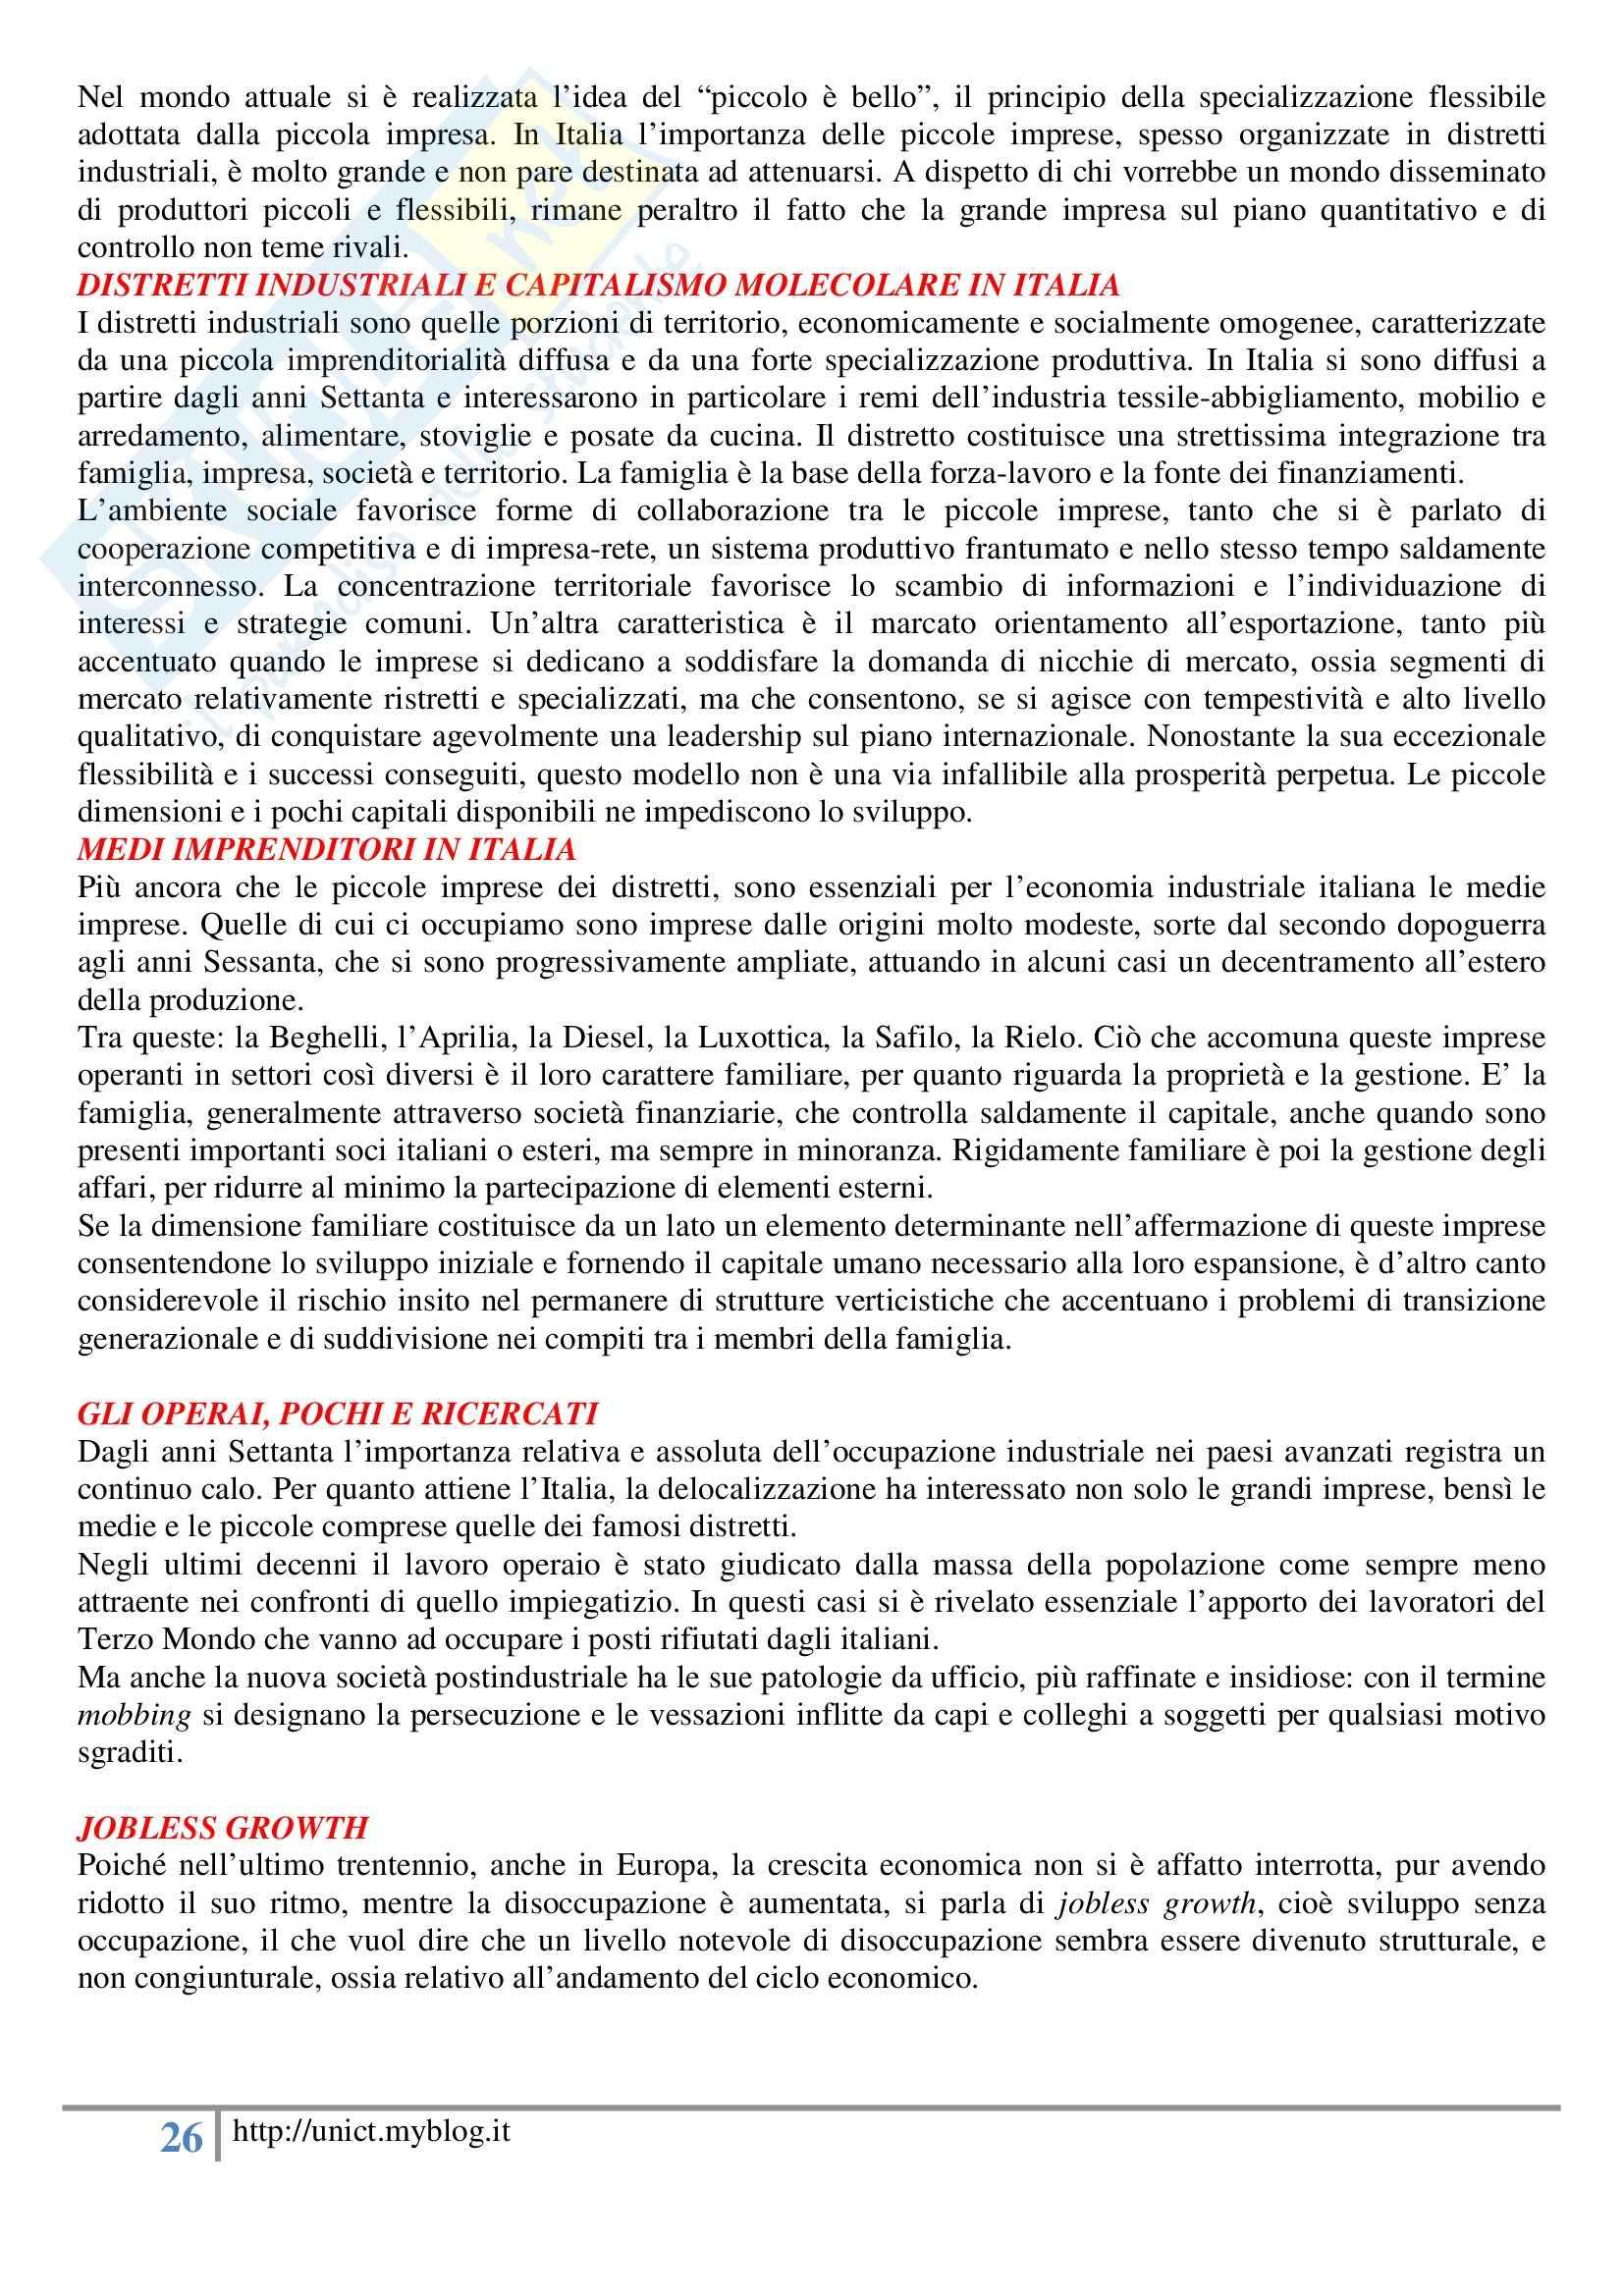 Storia dell'economia mondiale, Assante, Cipolla, Romano - Appunti Pag. 81